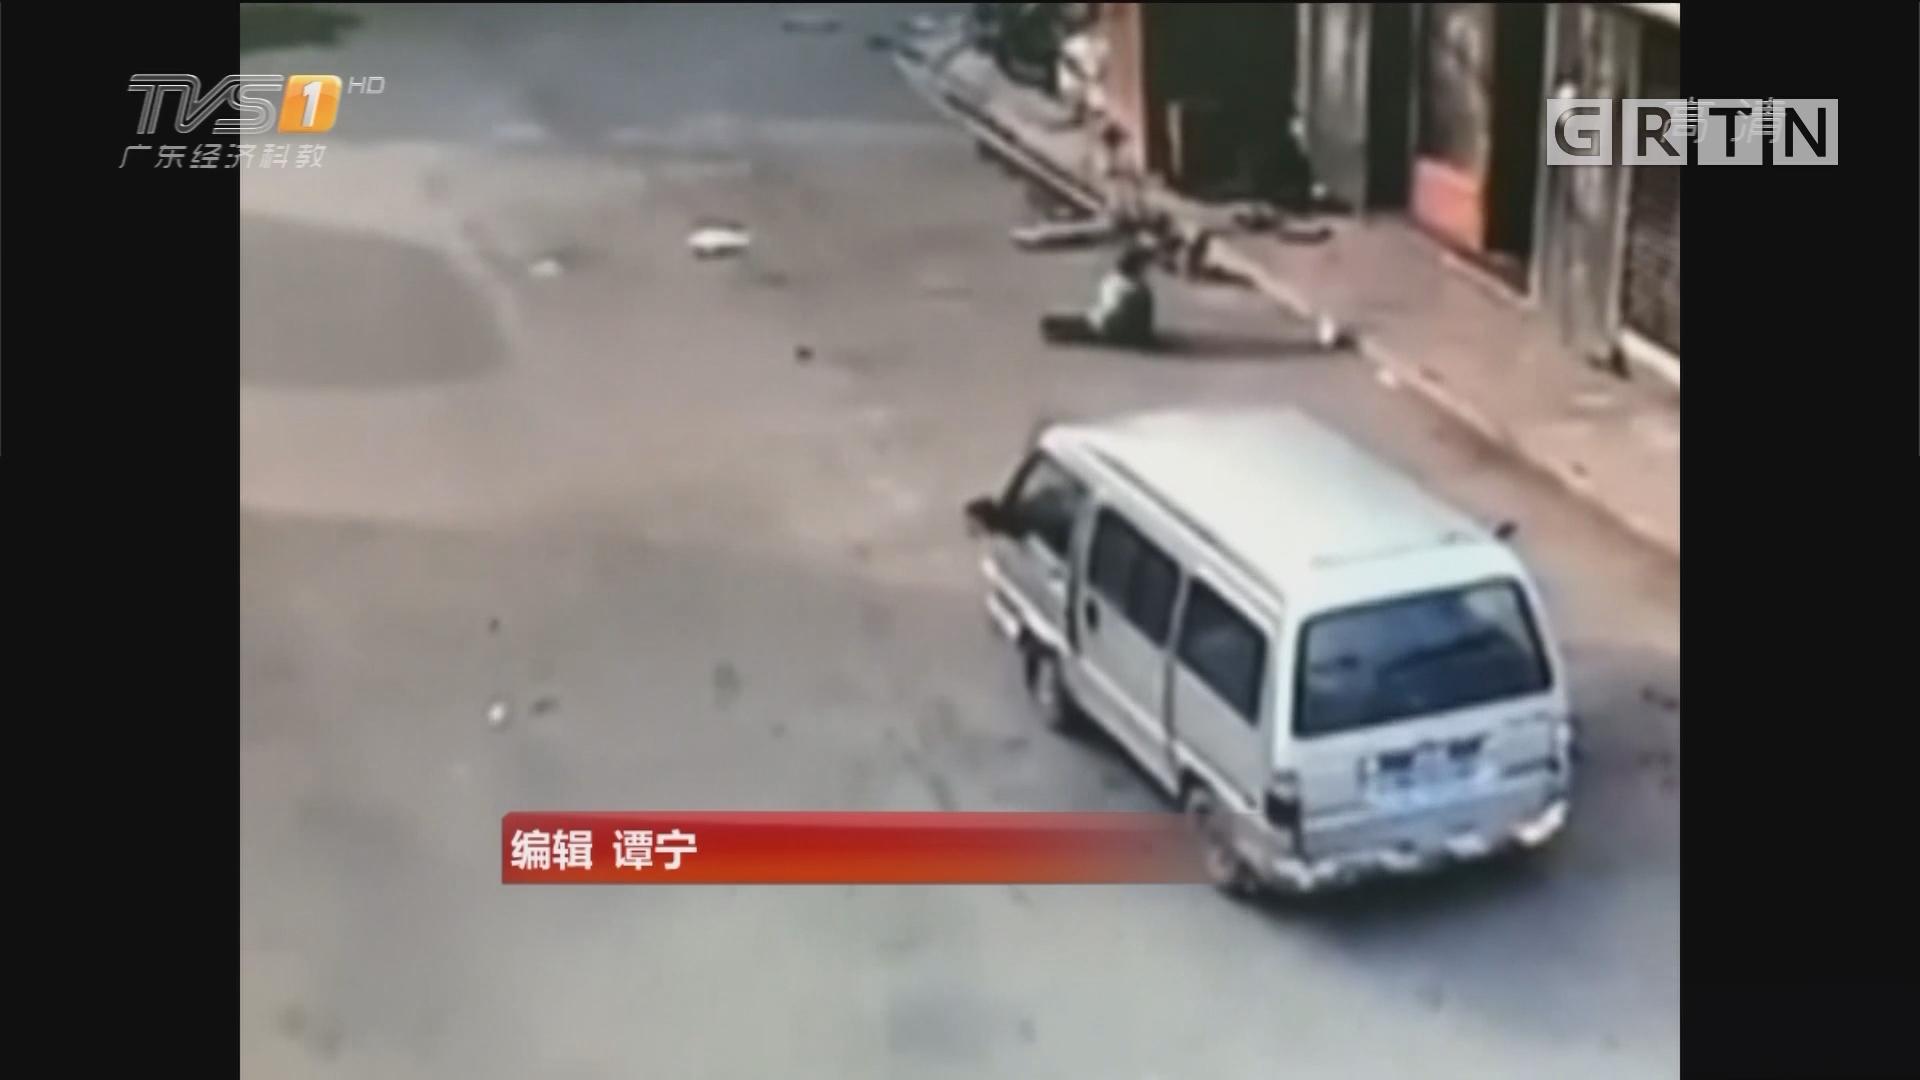 注意行车安全:触目惊心!面包车两次碾压男童